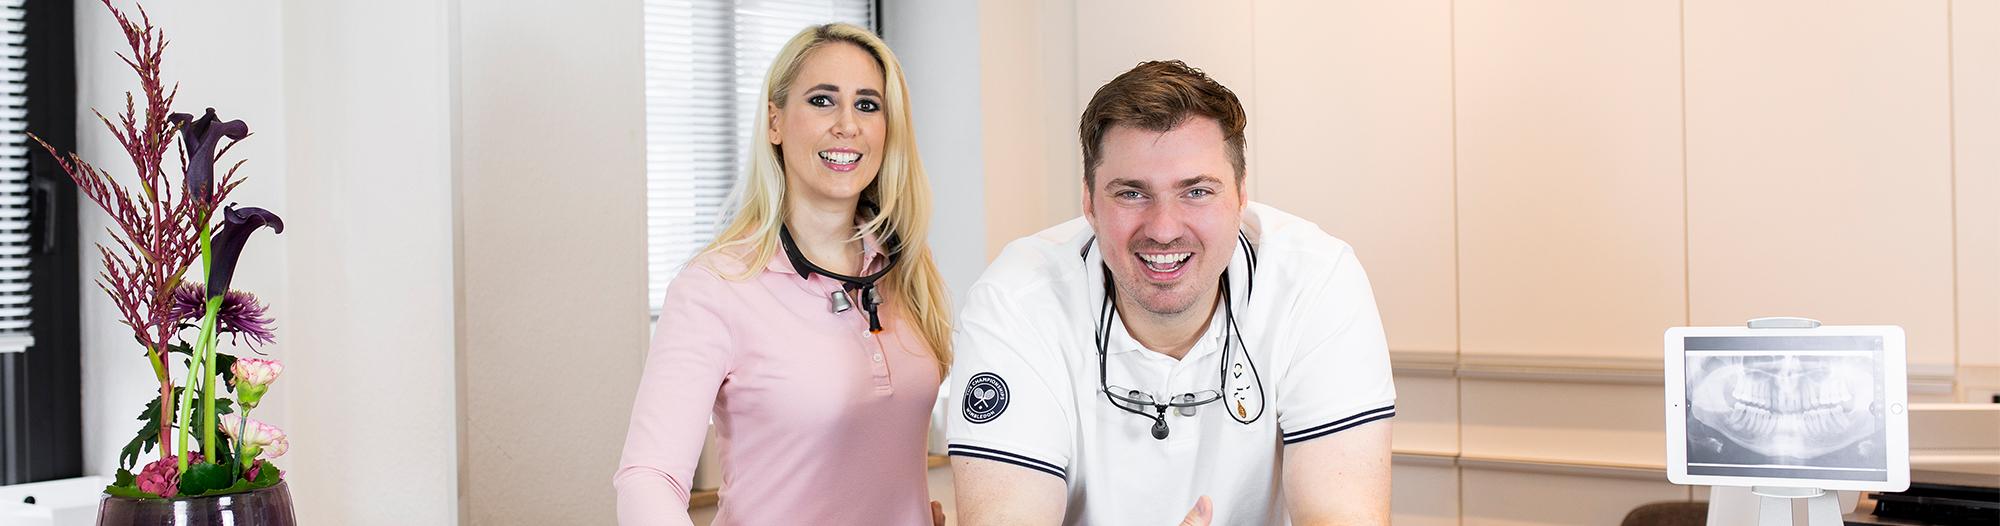 Dr. Nina Barth und Dr. med. dent. Adrian Naumann - Ihre Zahnärzte in Schwabing